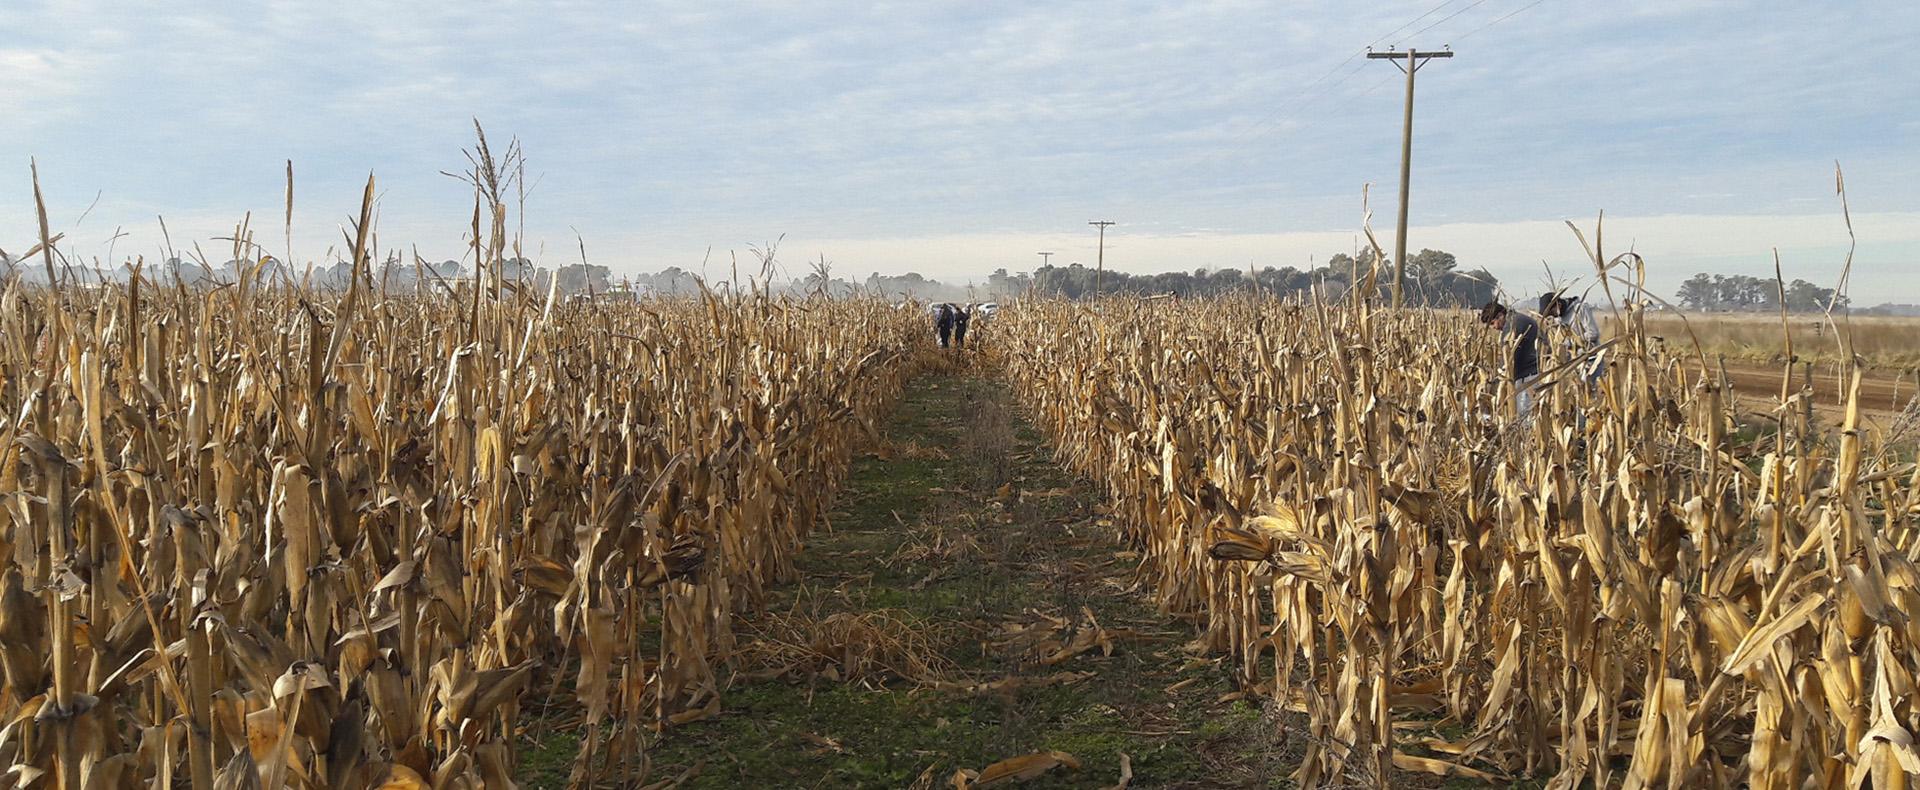 Producción Solidaria <ul> <li>Donando maíz, naranja o papa para cosechar en nuestros programas.</li> </ul>